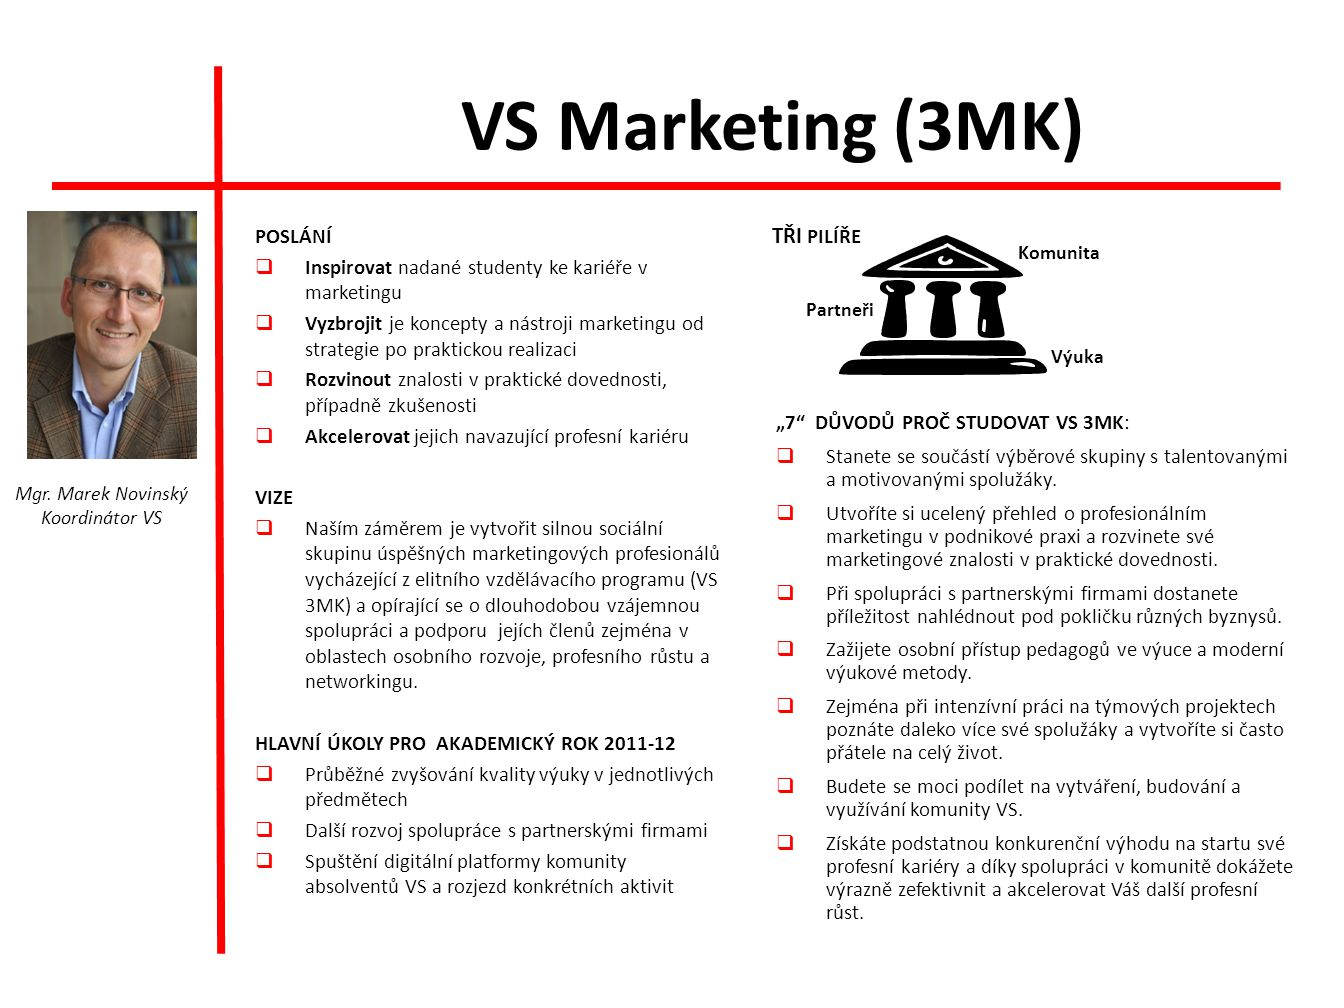 VS Marketing (3MK) POSLÁNÍ  Inspirovat nadané studenty ke kariéře v marketingu  Vyzbrojit je koncepty a nástroji marketingu od strategie po praktickou realizaci  Rozvinout znalosti v praktické dovednosti, případně zkušenosti  Akcelerovat jejich navazující profesní kariéru VIZE  Naším záměrem je vytvořit silnou sociální skupinu úspěšných marketingových profesionálů vycházející z elitního vzdělávacího programu (VS 3MK) a opírající se o dlouhodobou vzájemnou spolupráci a podporu jejích členů zejména v oblastech osobního rozvoje, profesního růstu a networkingu.